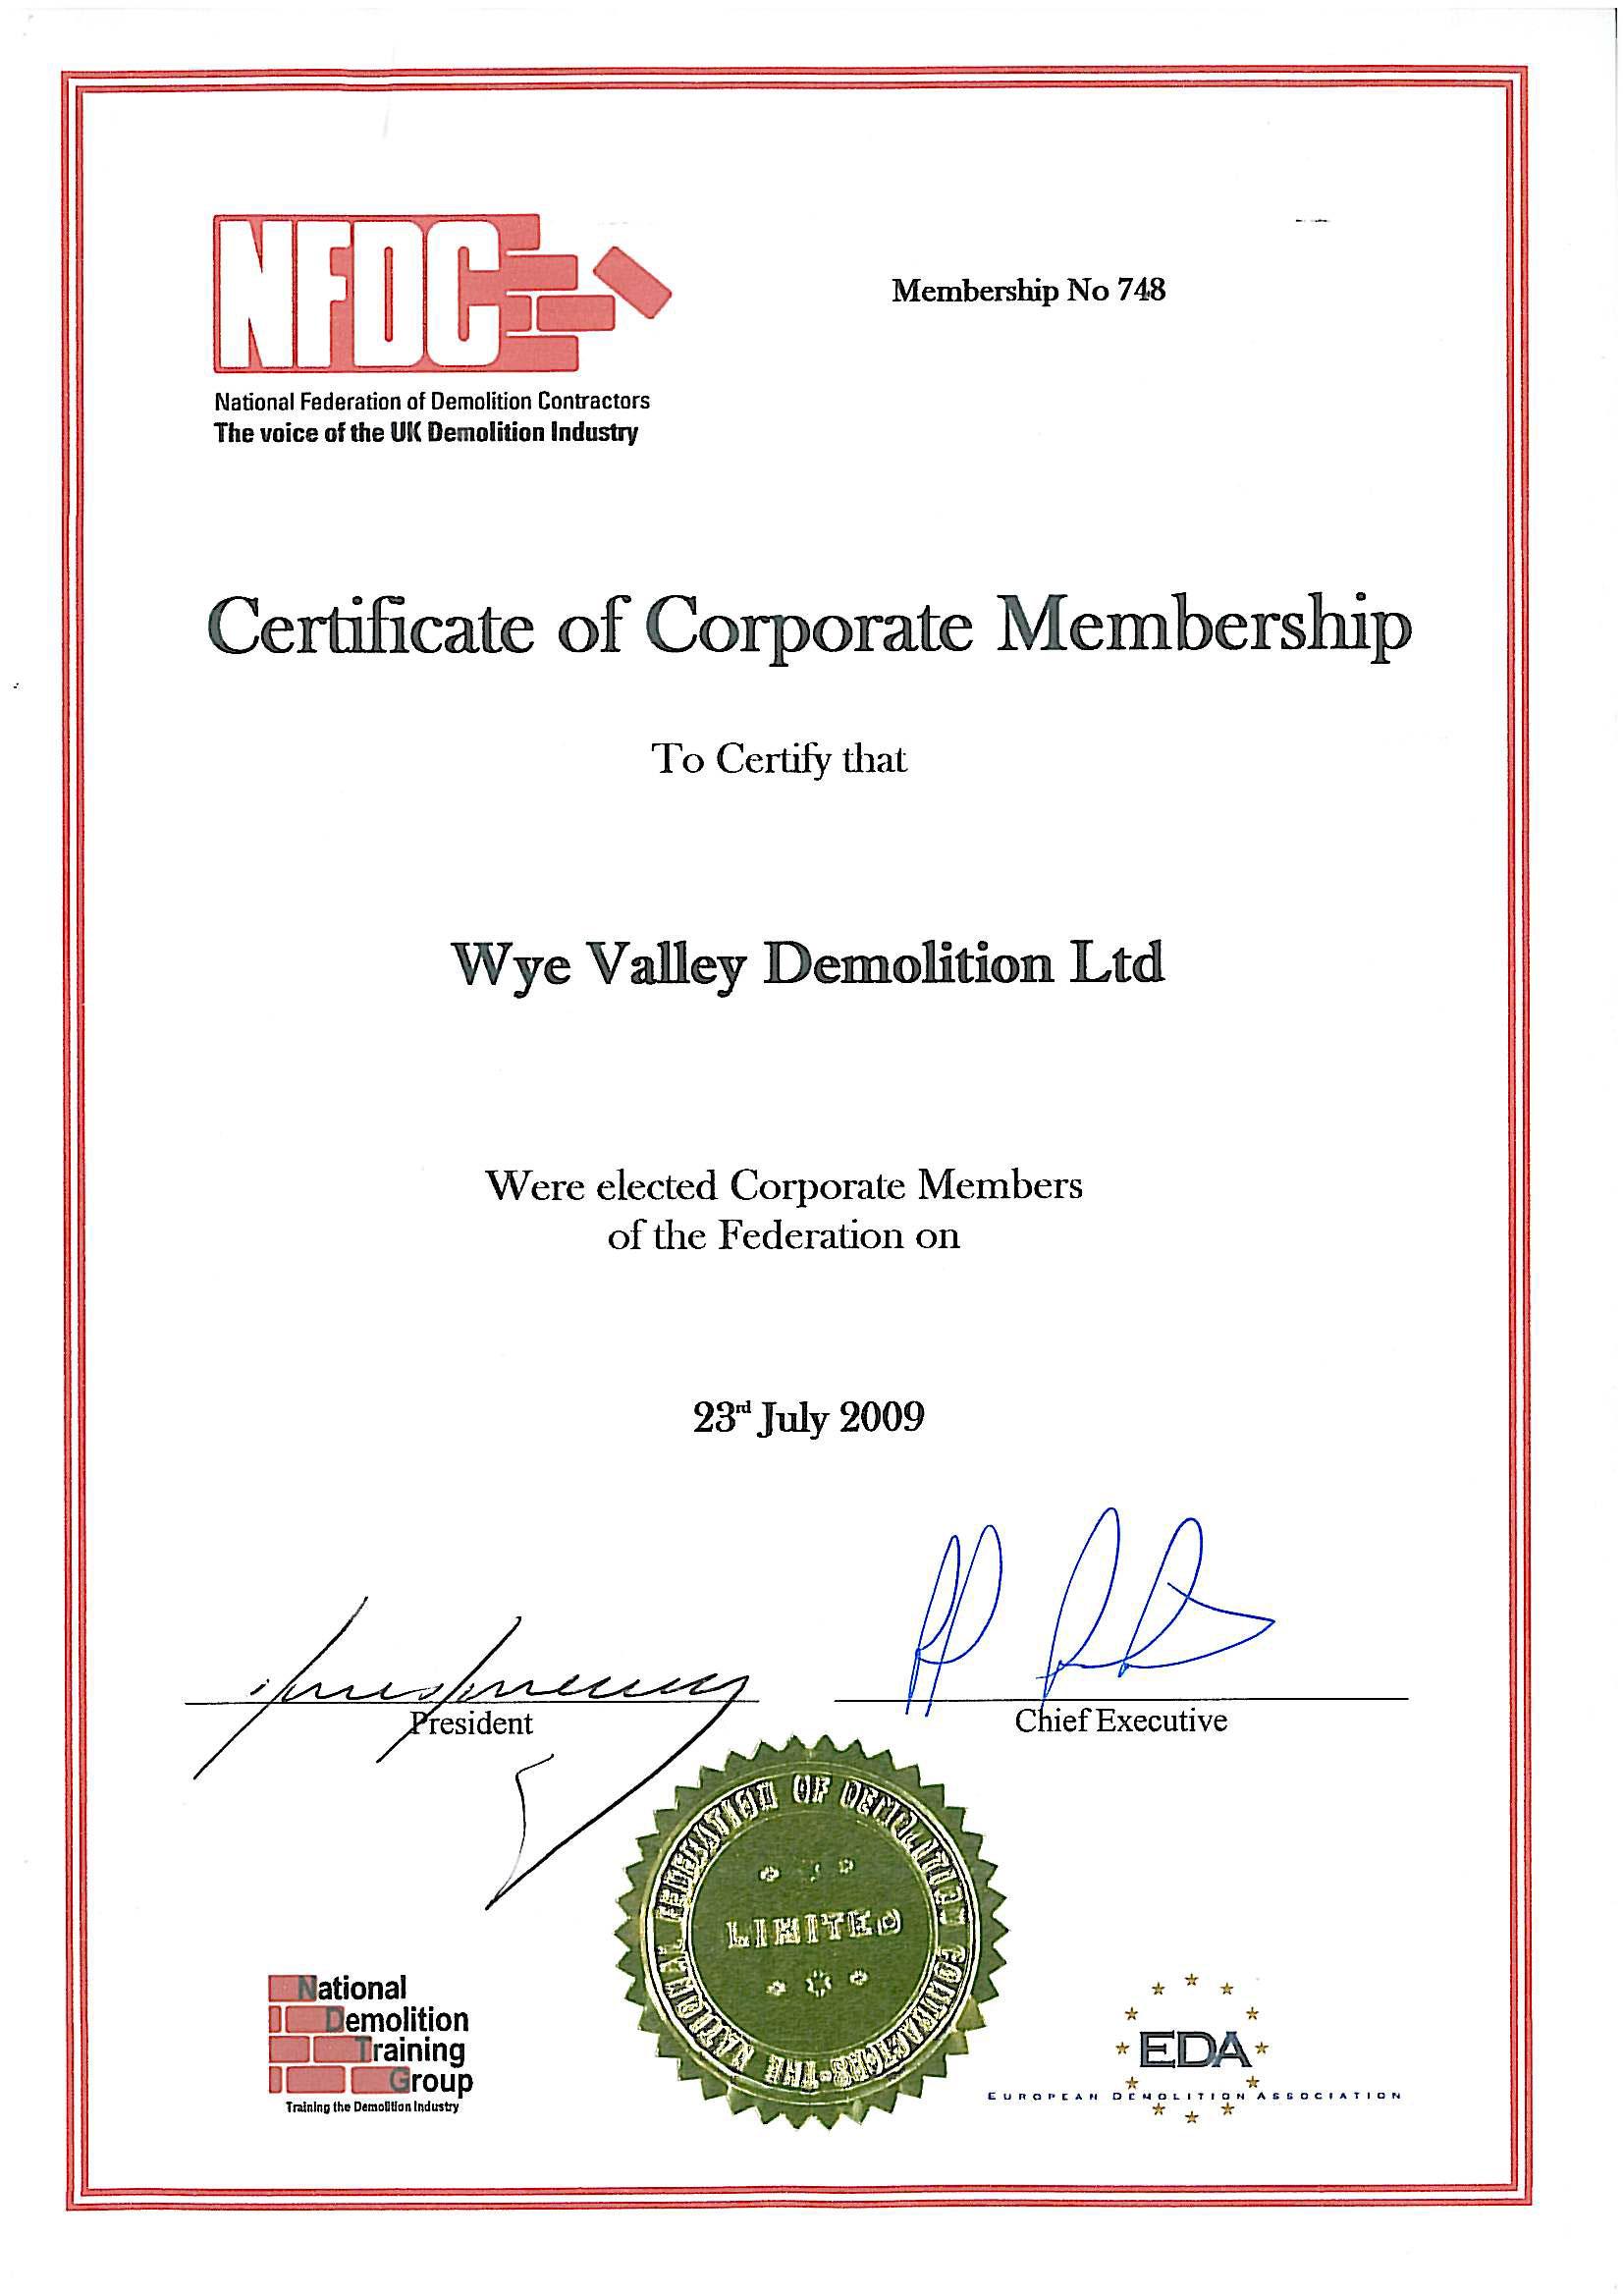 NFDC-Corporate-Membership